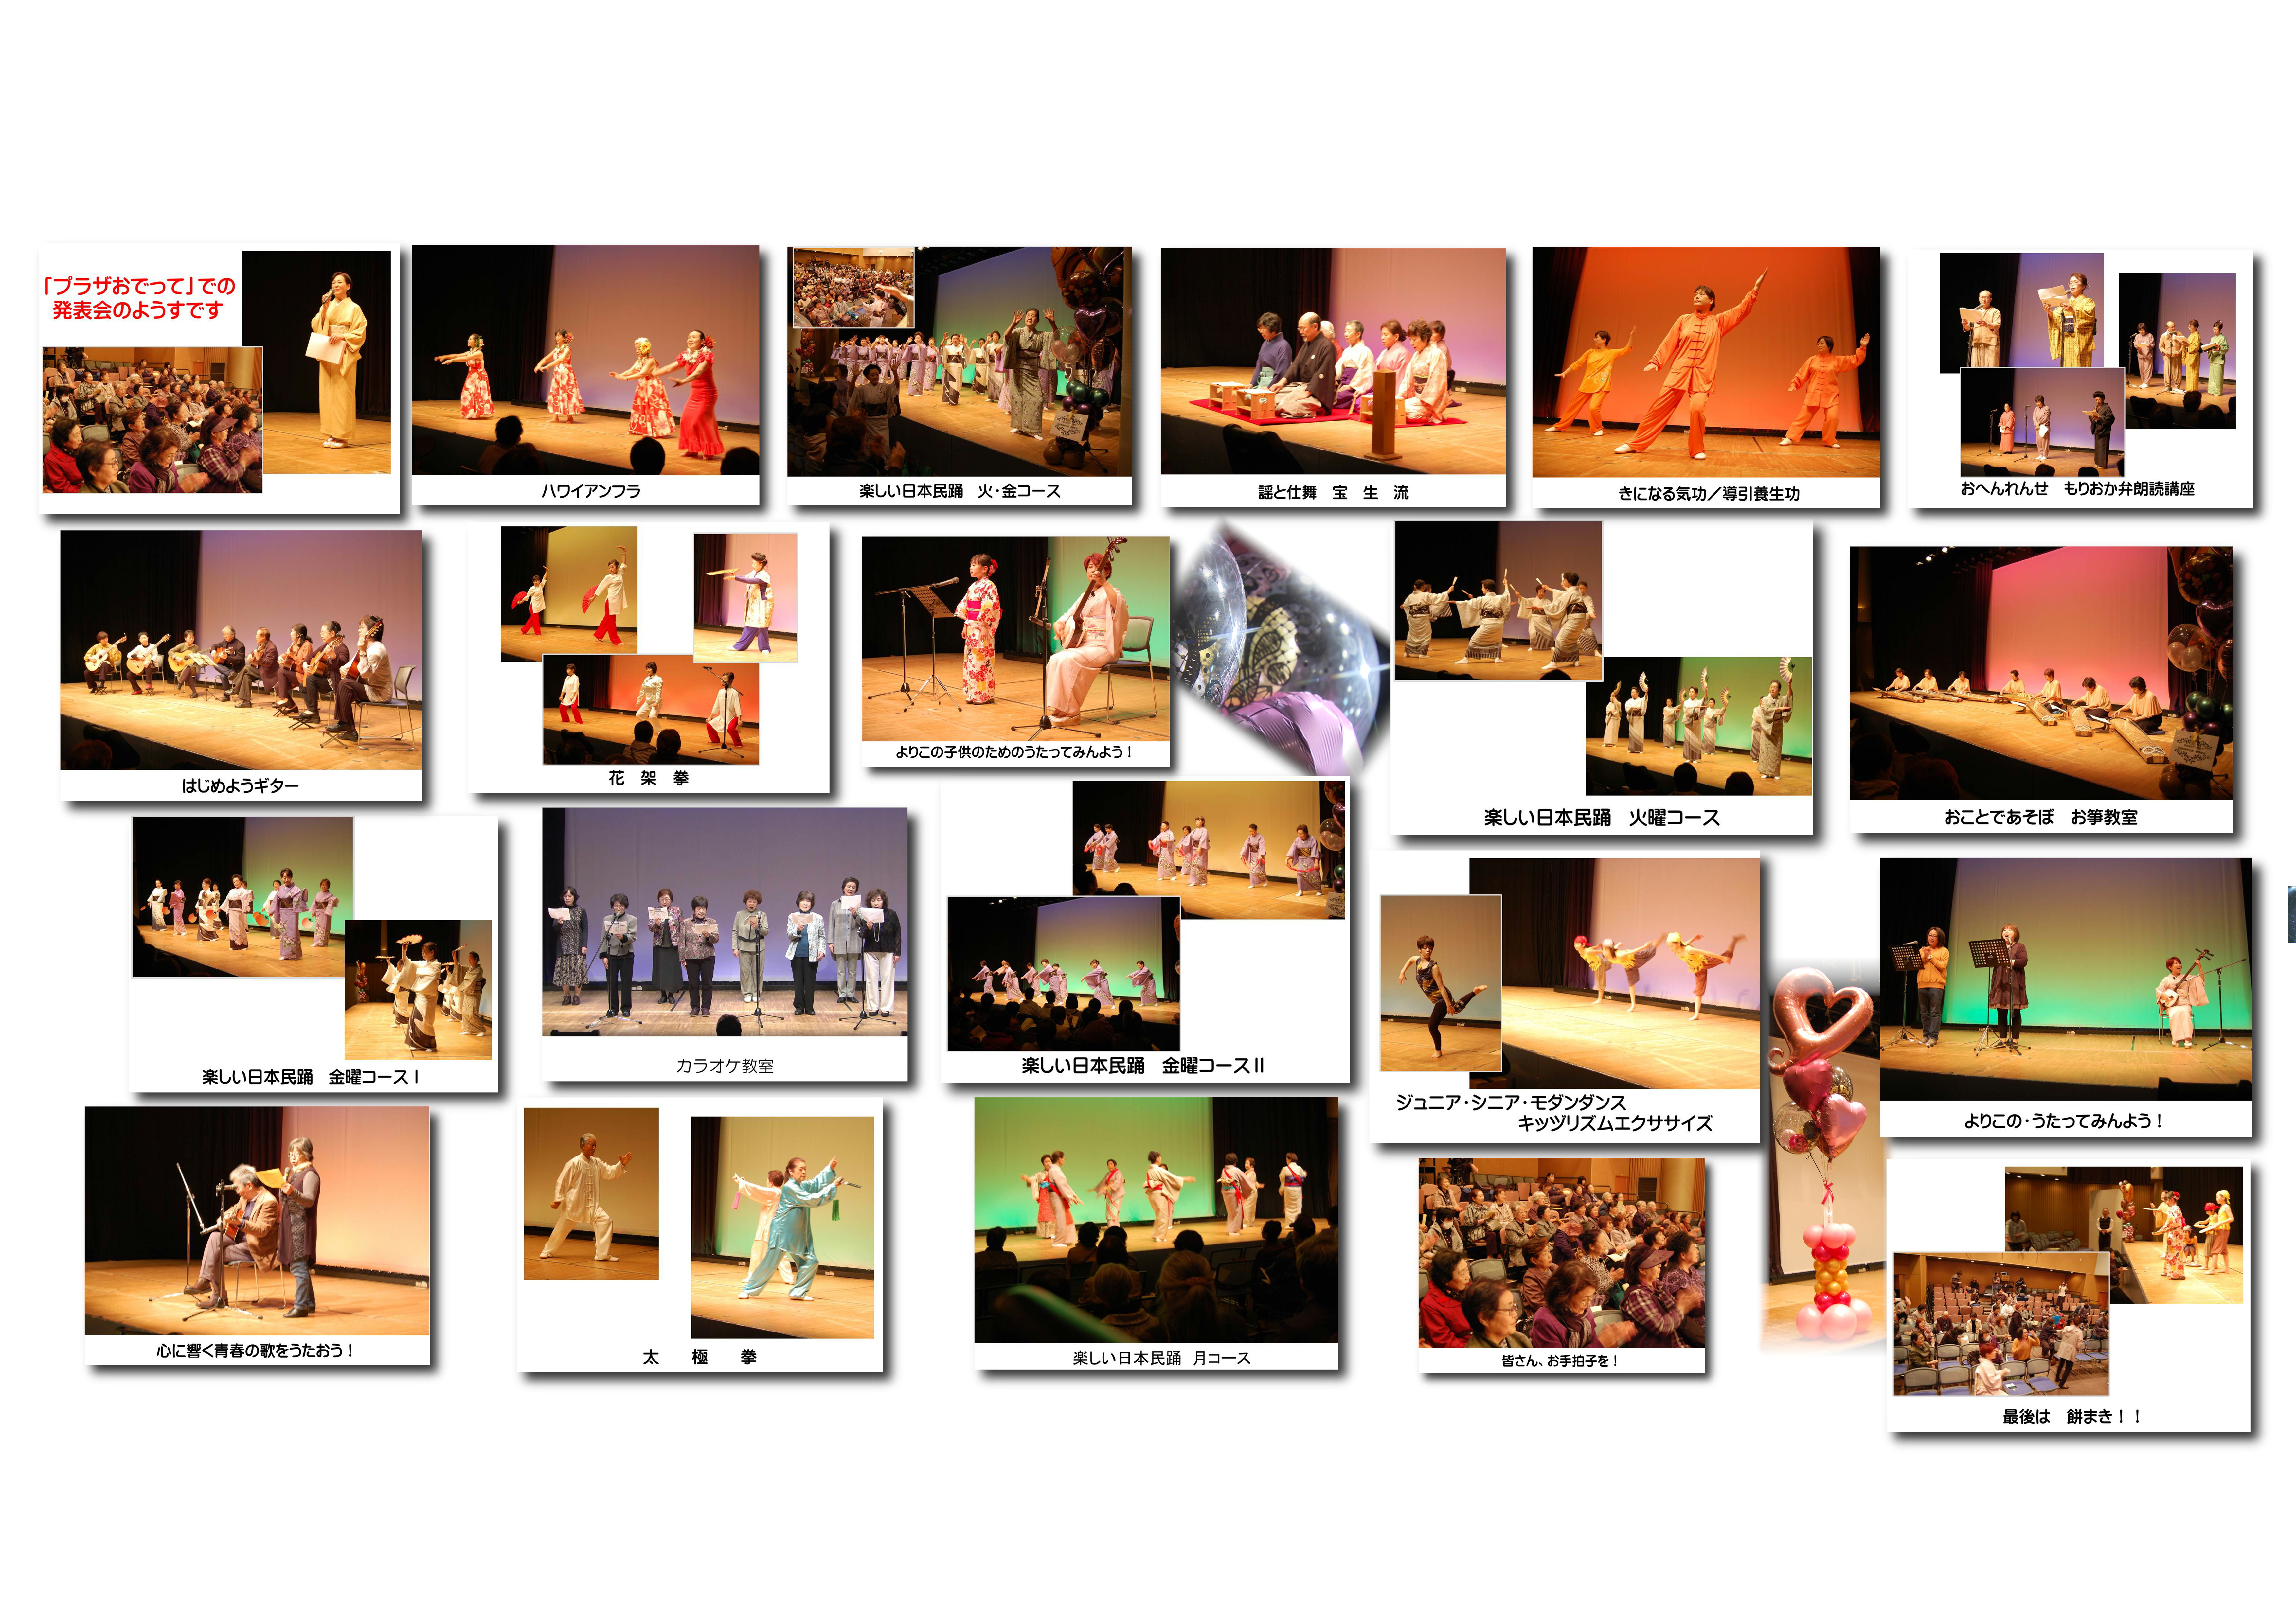 2018年度テレビ岩手アカデミー芸術祭 ステージ発表会